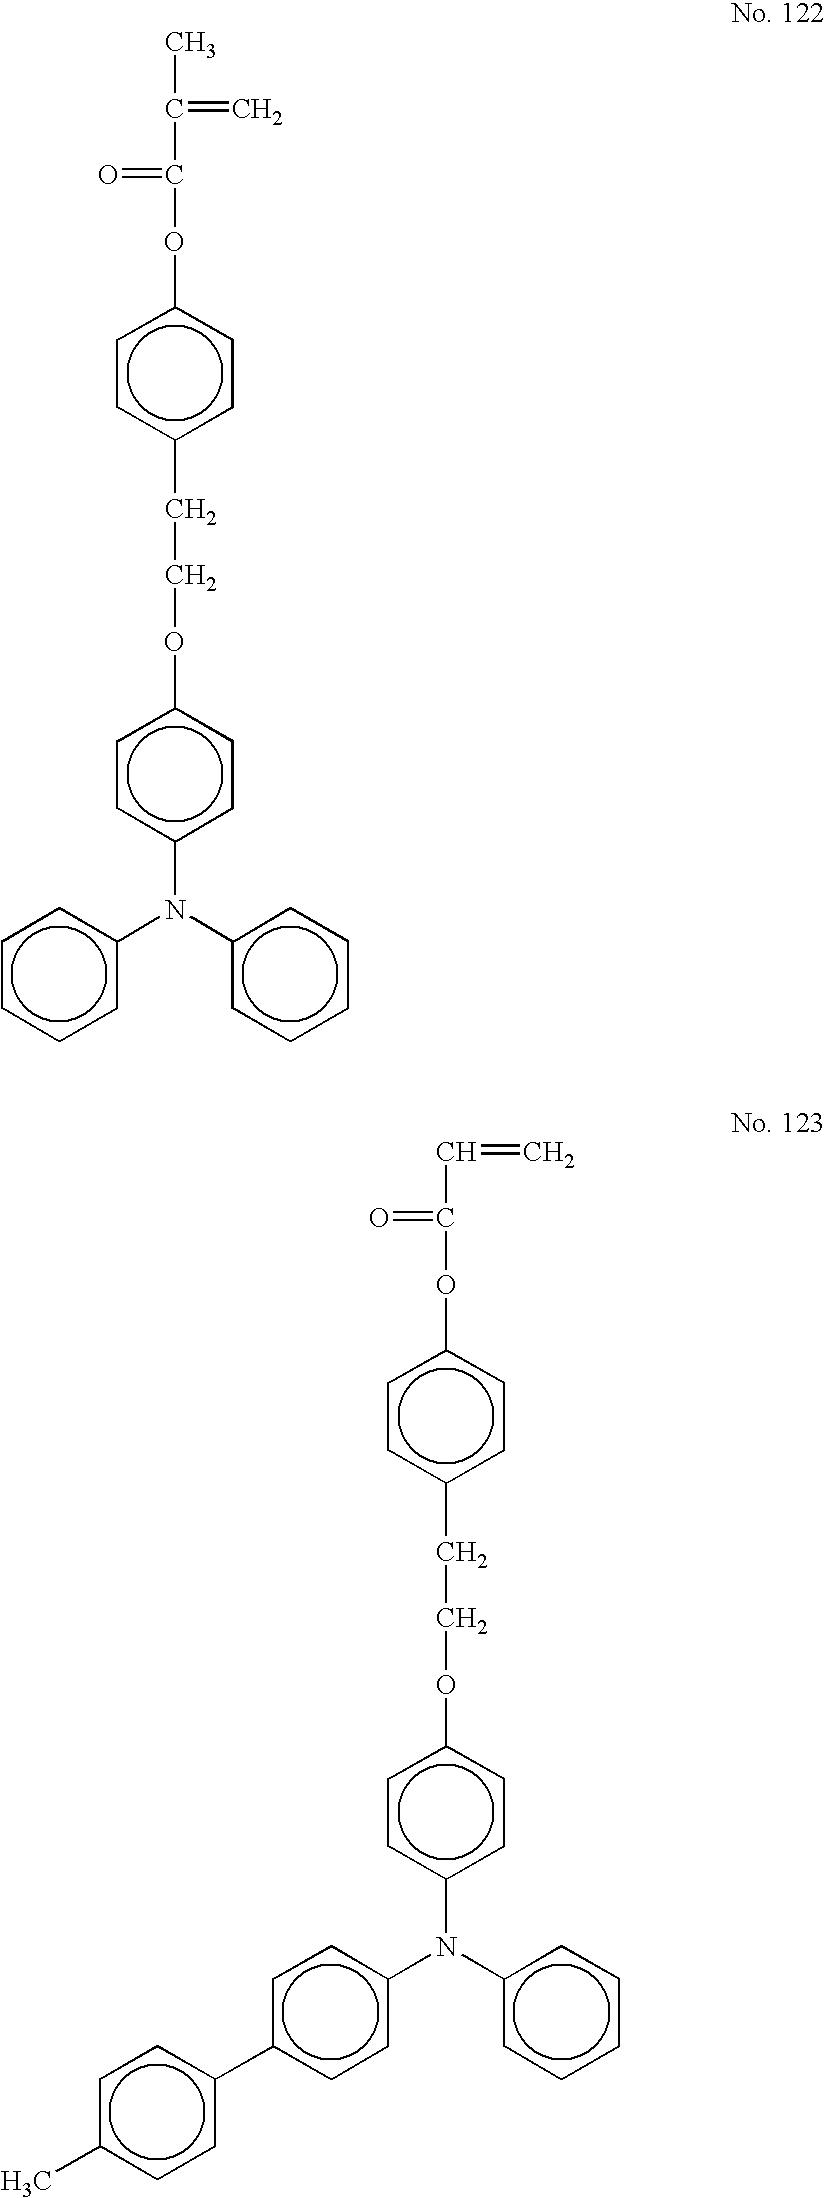 Figure US20050175911A1-20050811-C00044